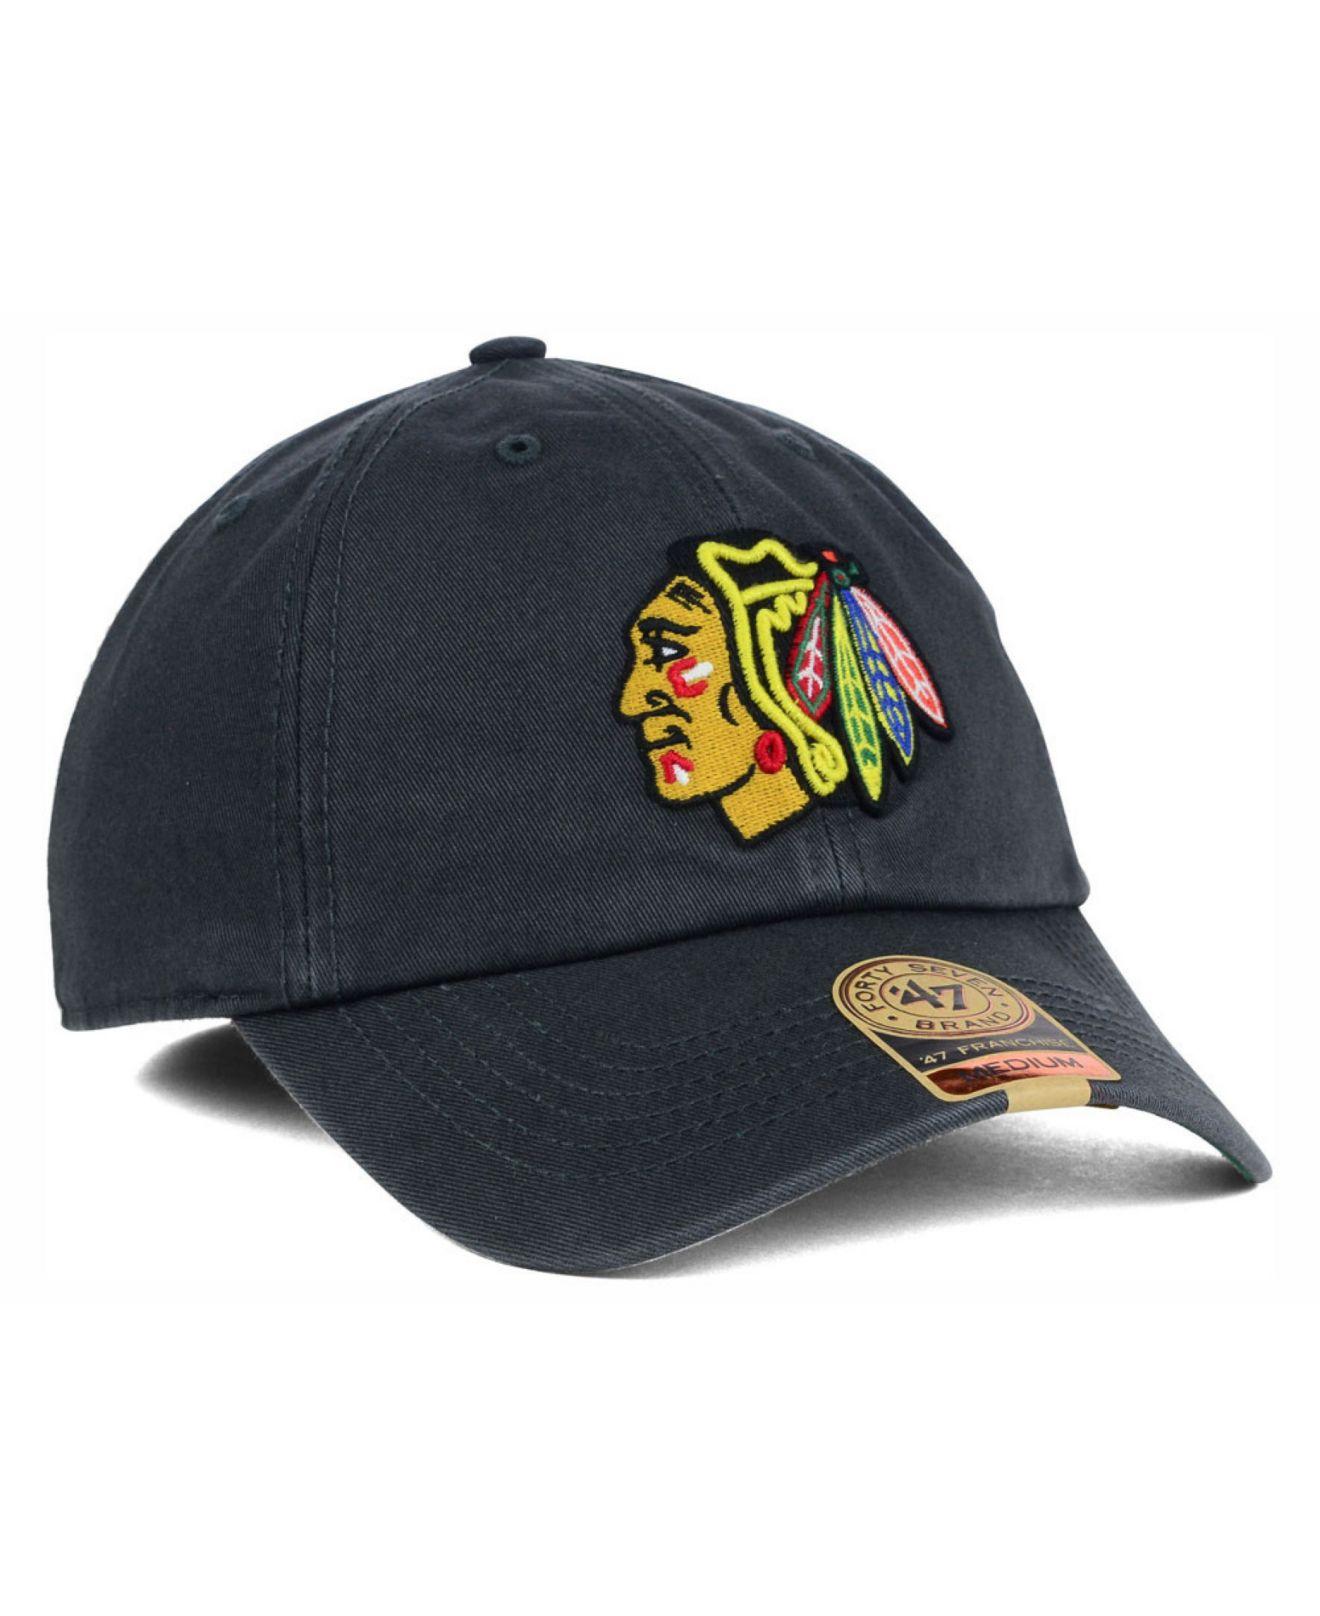 e09052b88ea ... netherlands lyst 47 brand chicago blackhawks nhl 47 franchise cap in  gray for men 51814 69e88 ...